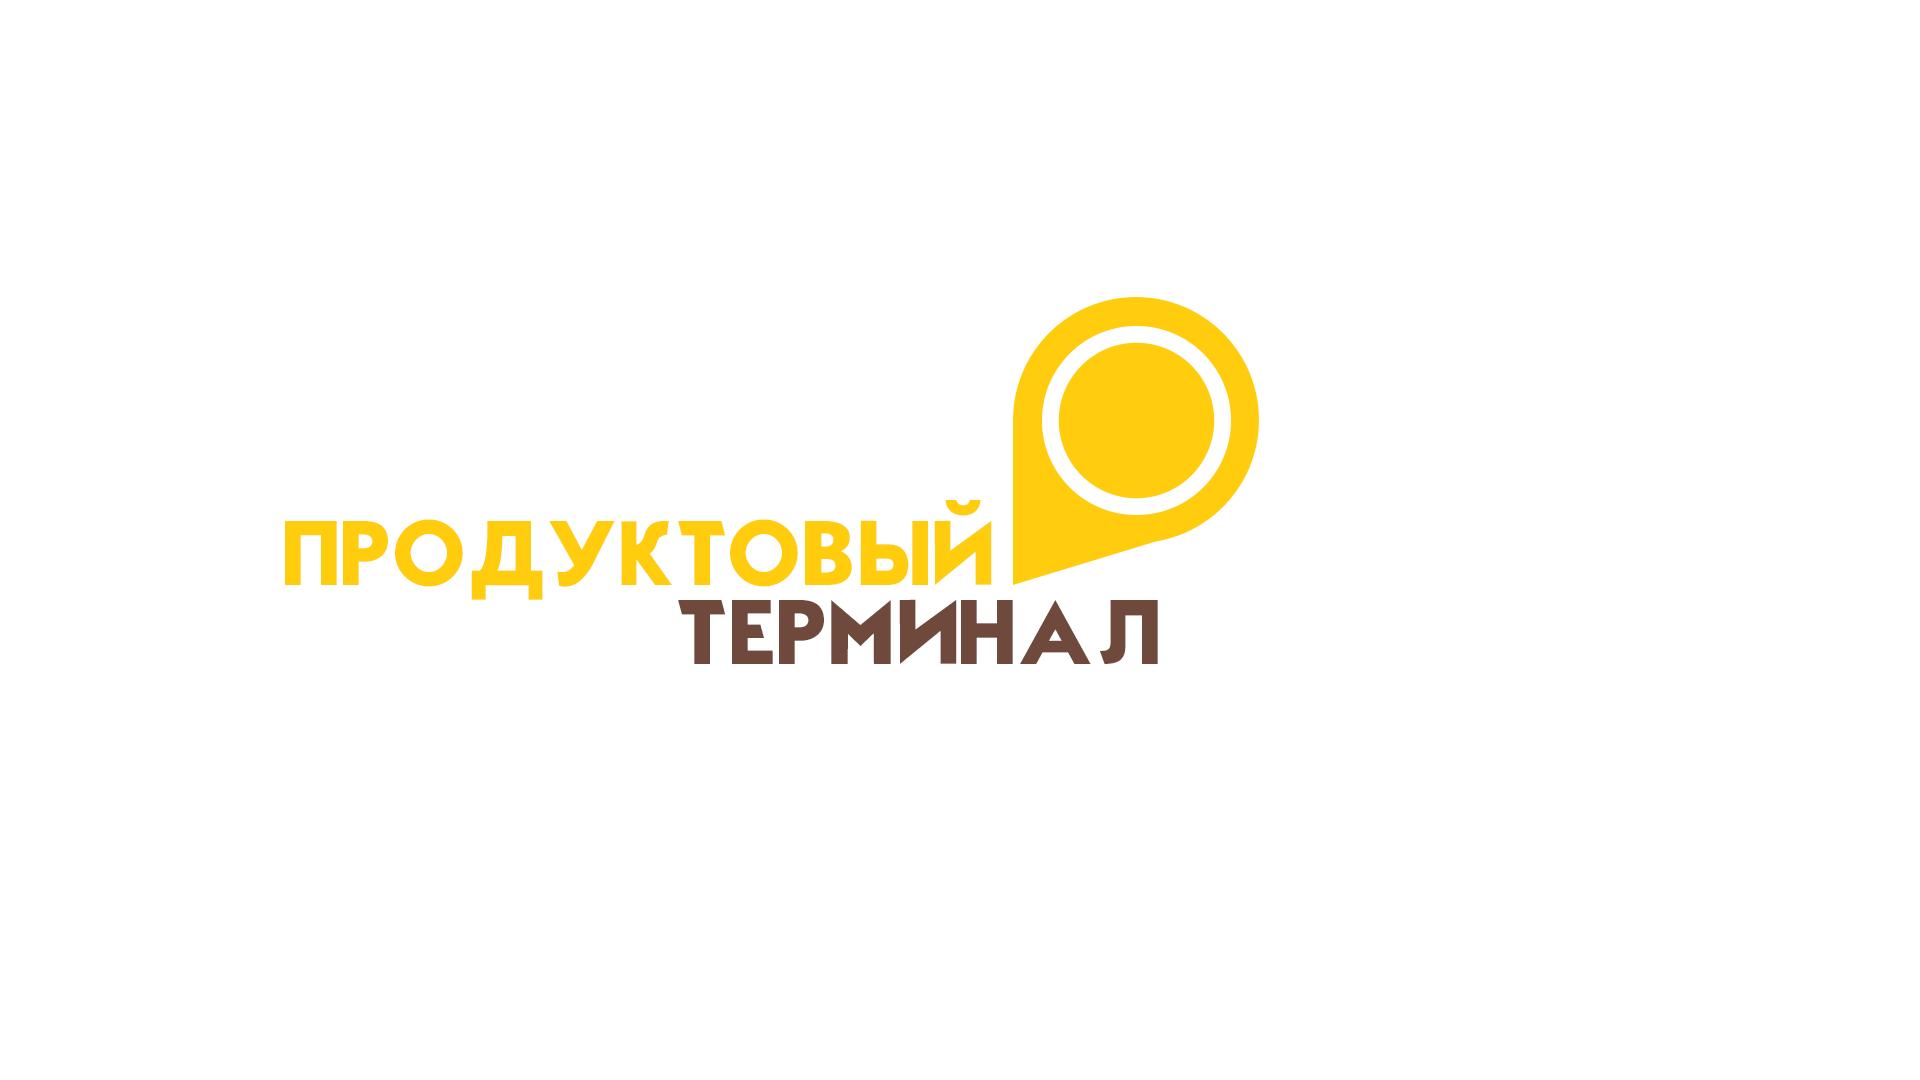 Логотип для сети продуктовых магазинов фото f_35756fec877abbd1.png